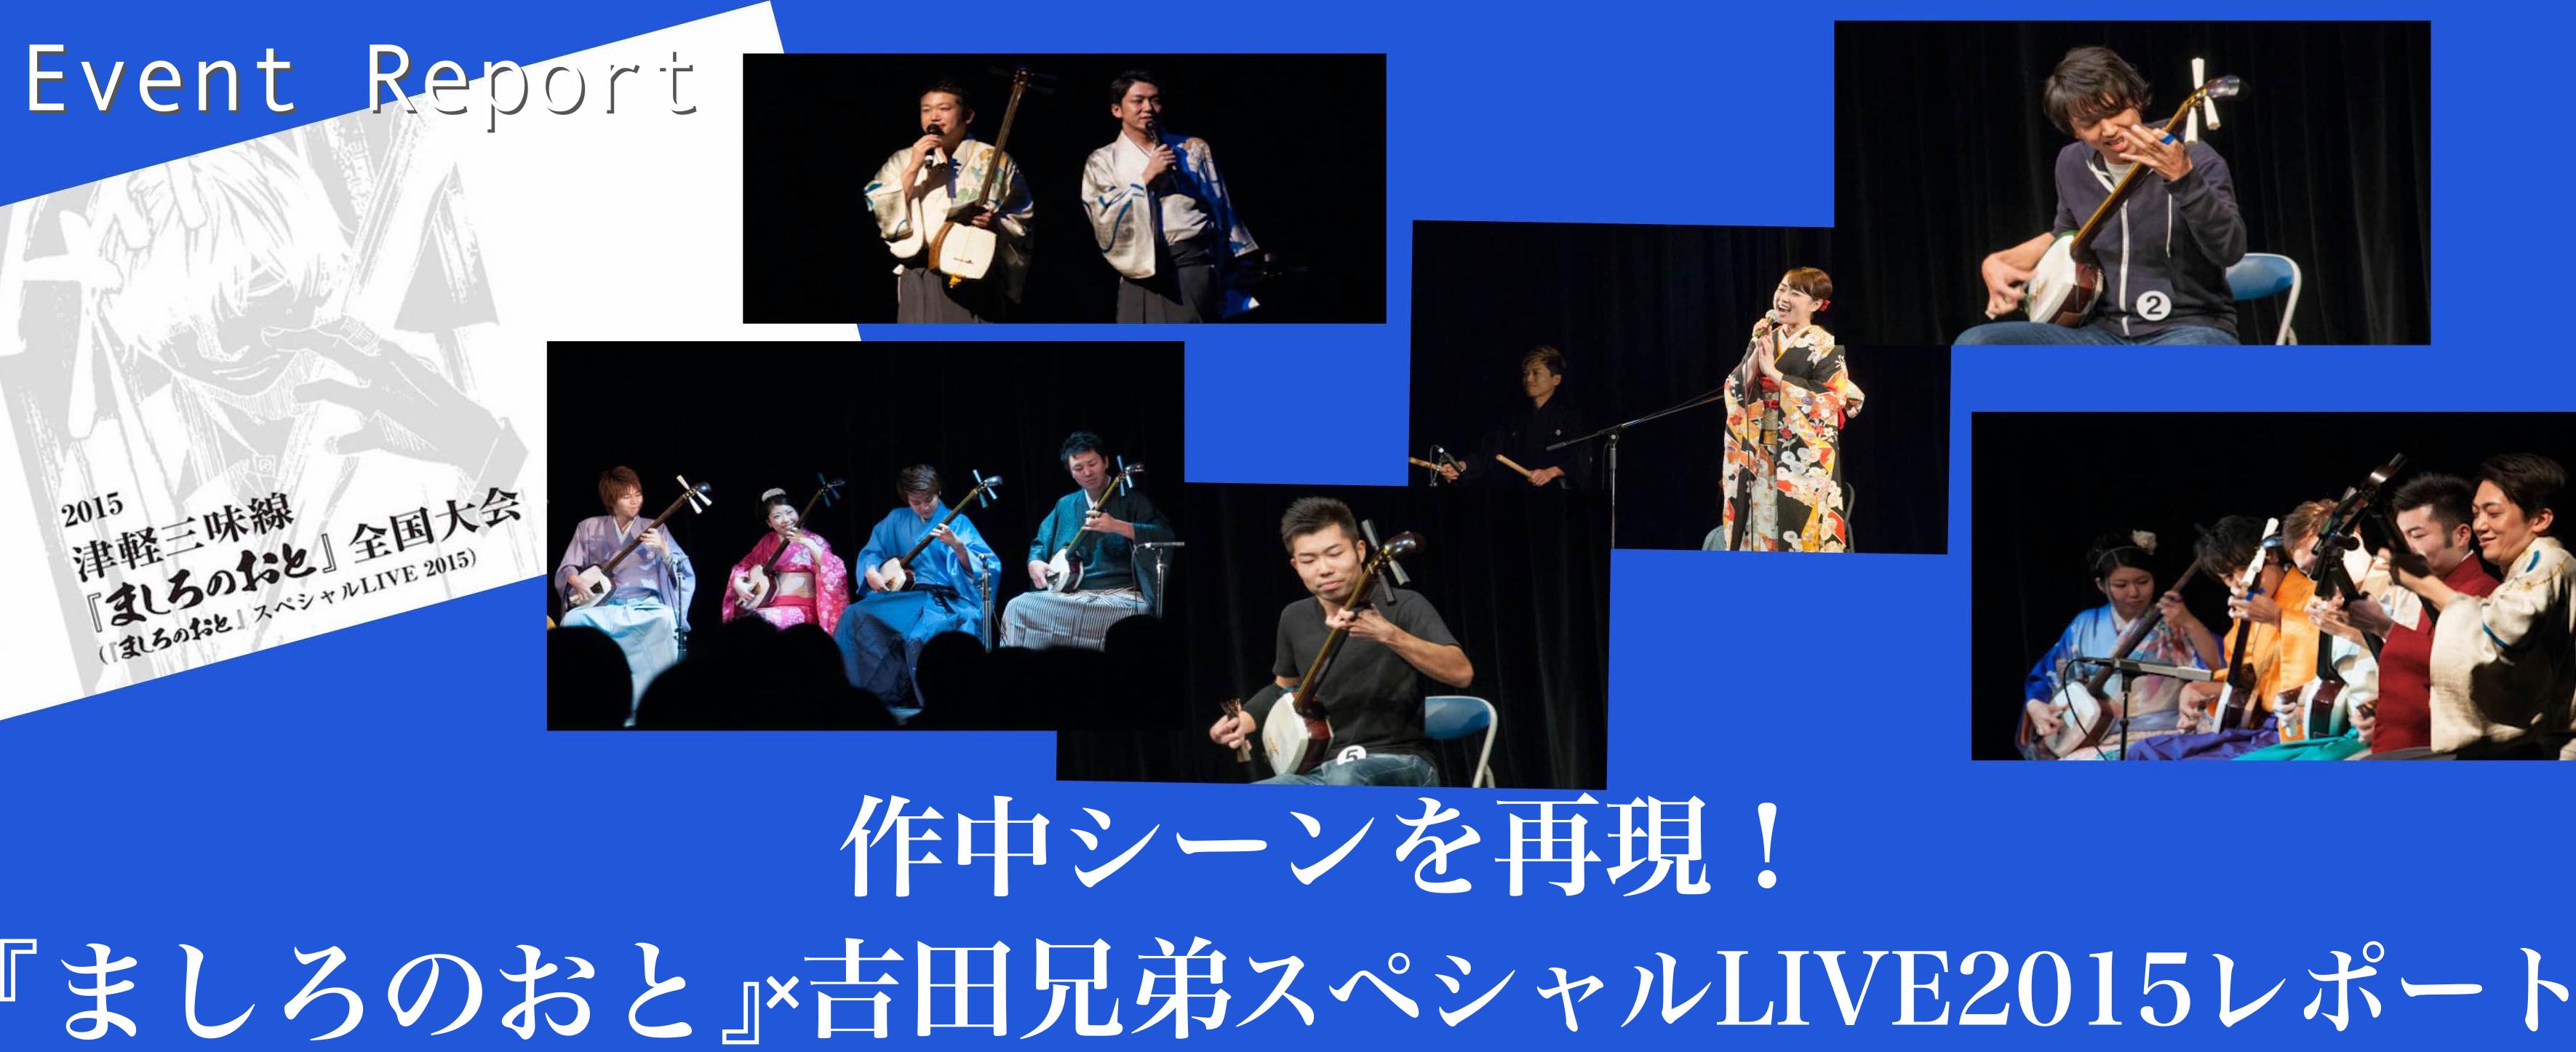 作中シーンを再現!『ましろのおと』×吉田兄弟 スペシャルLIVE 2015 レポート